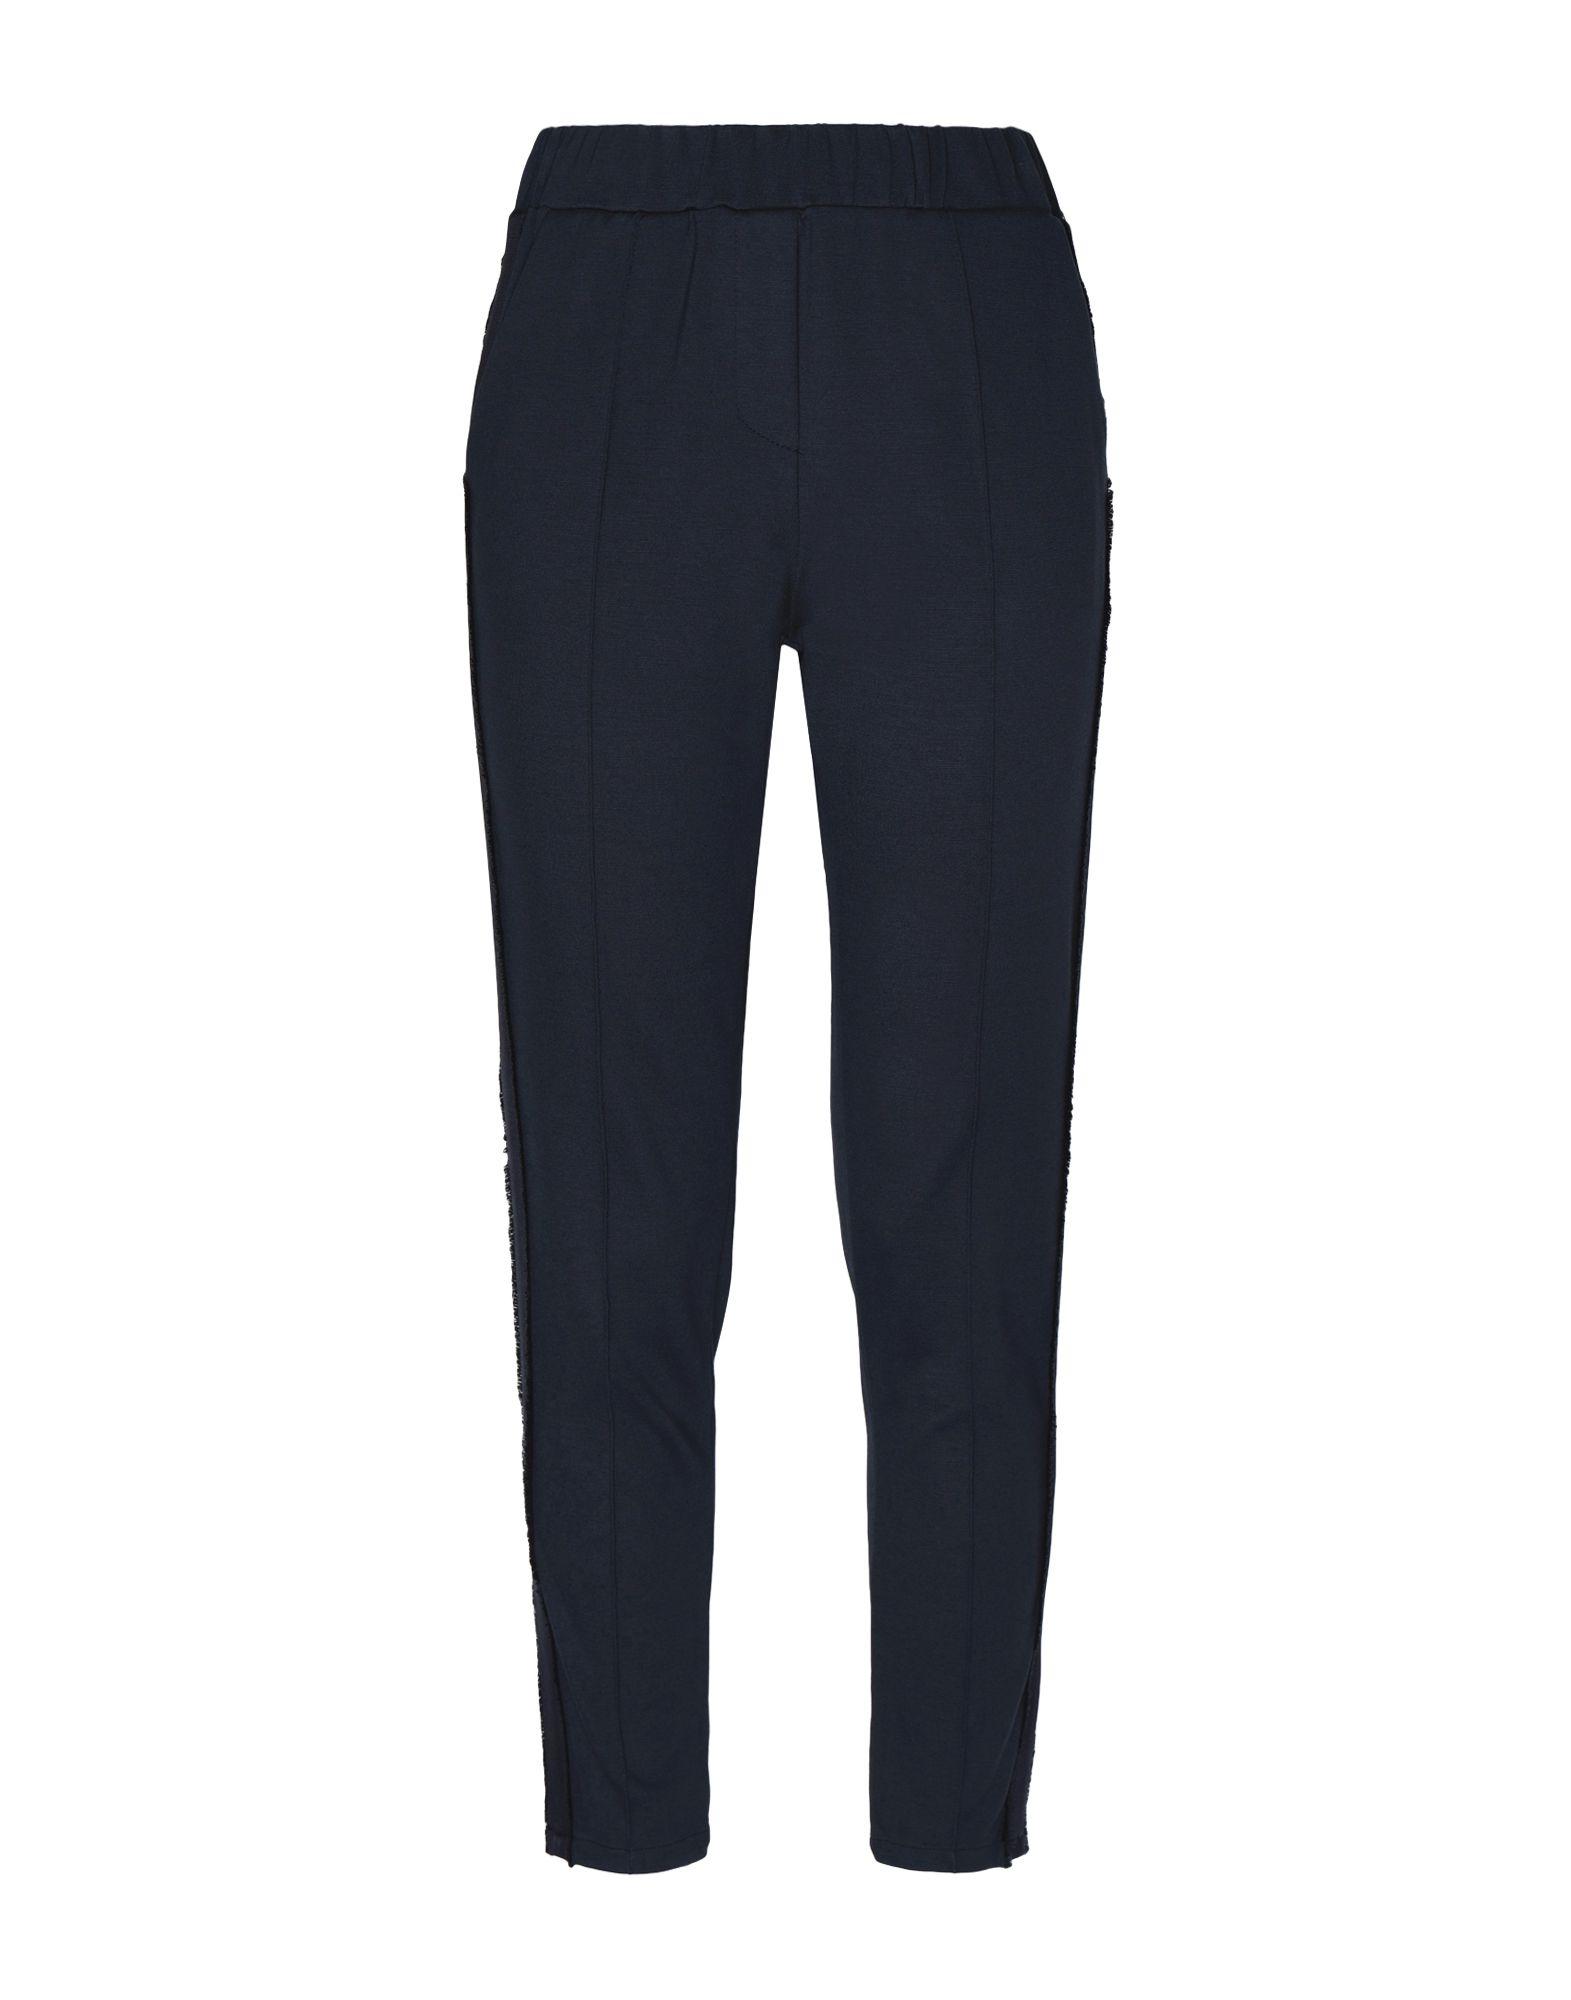 8 by YOOX Повседневные брюки брюки узкие cassis